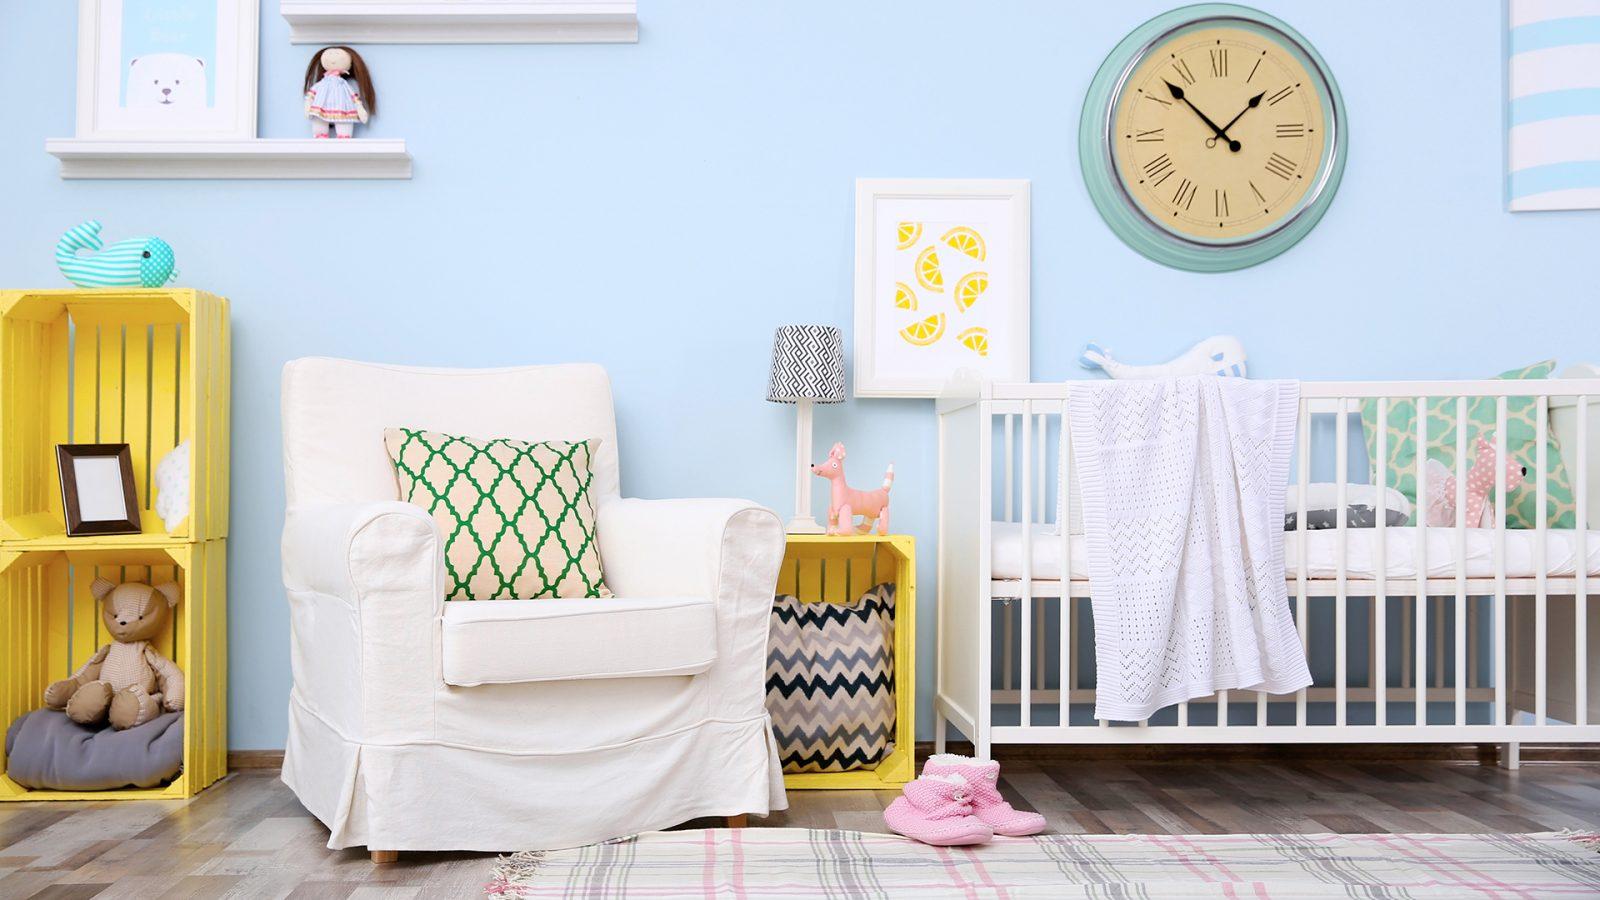 Cómo elegir muebles cómodos para decorar el cuarto infantil